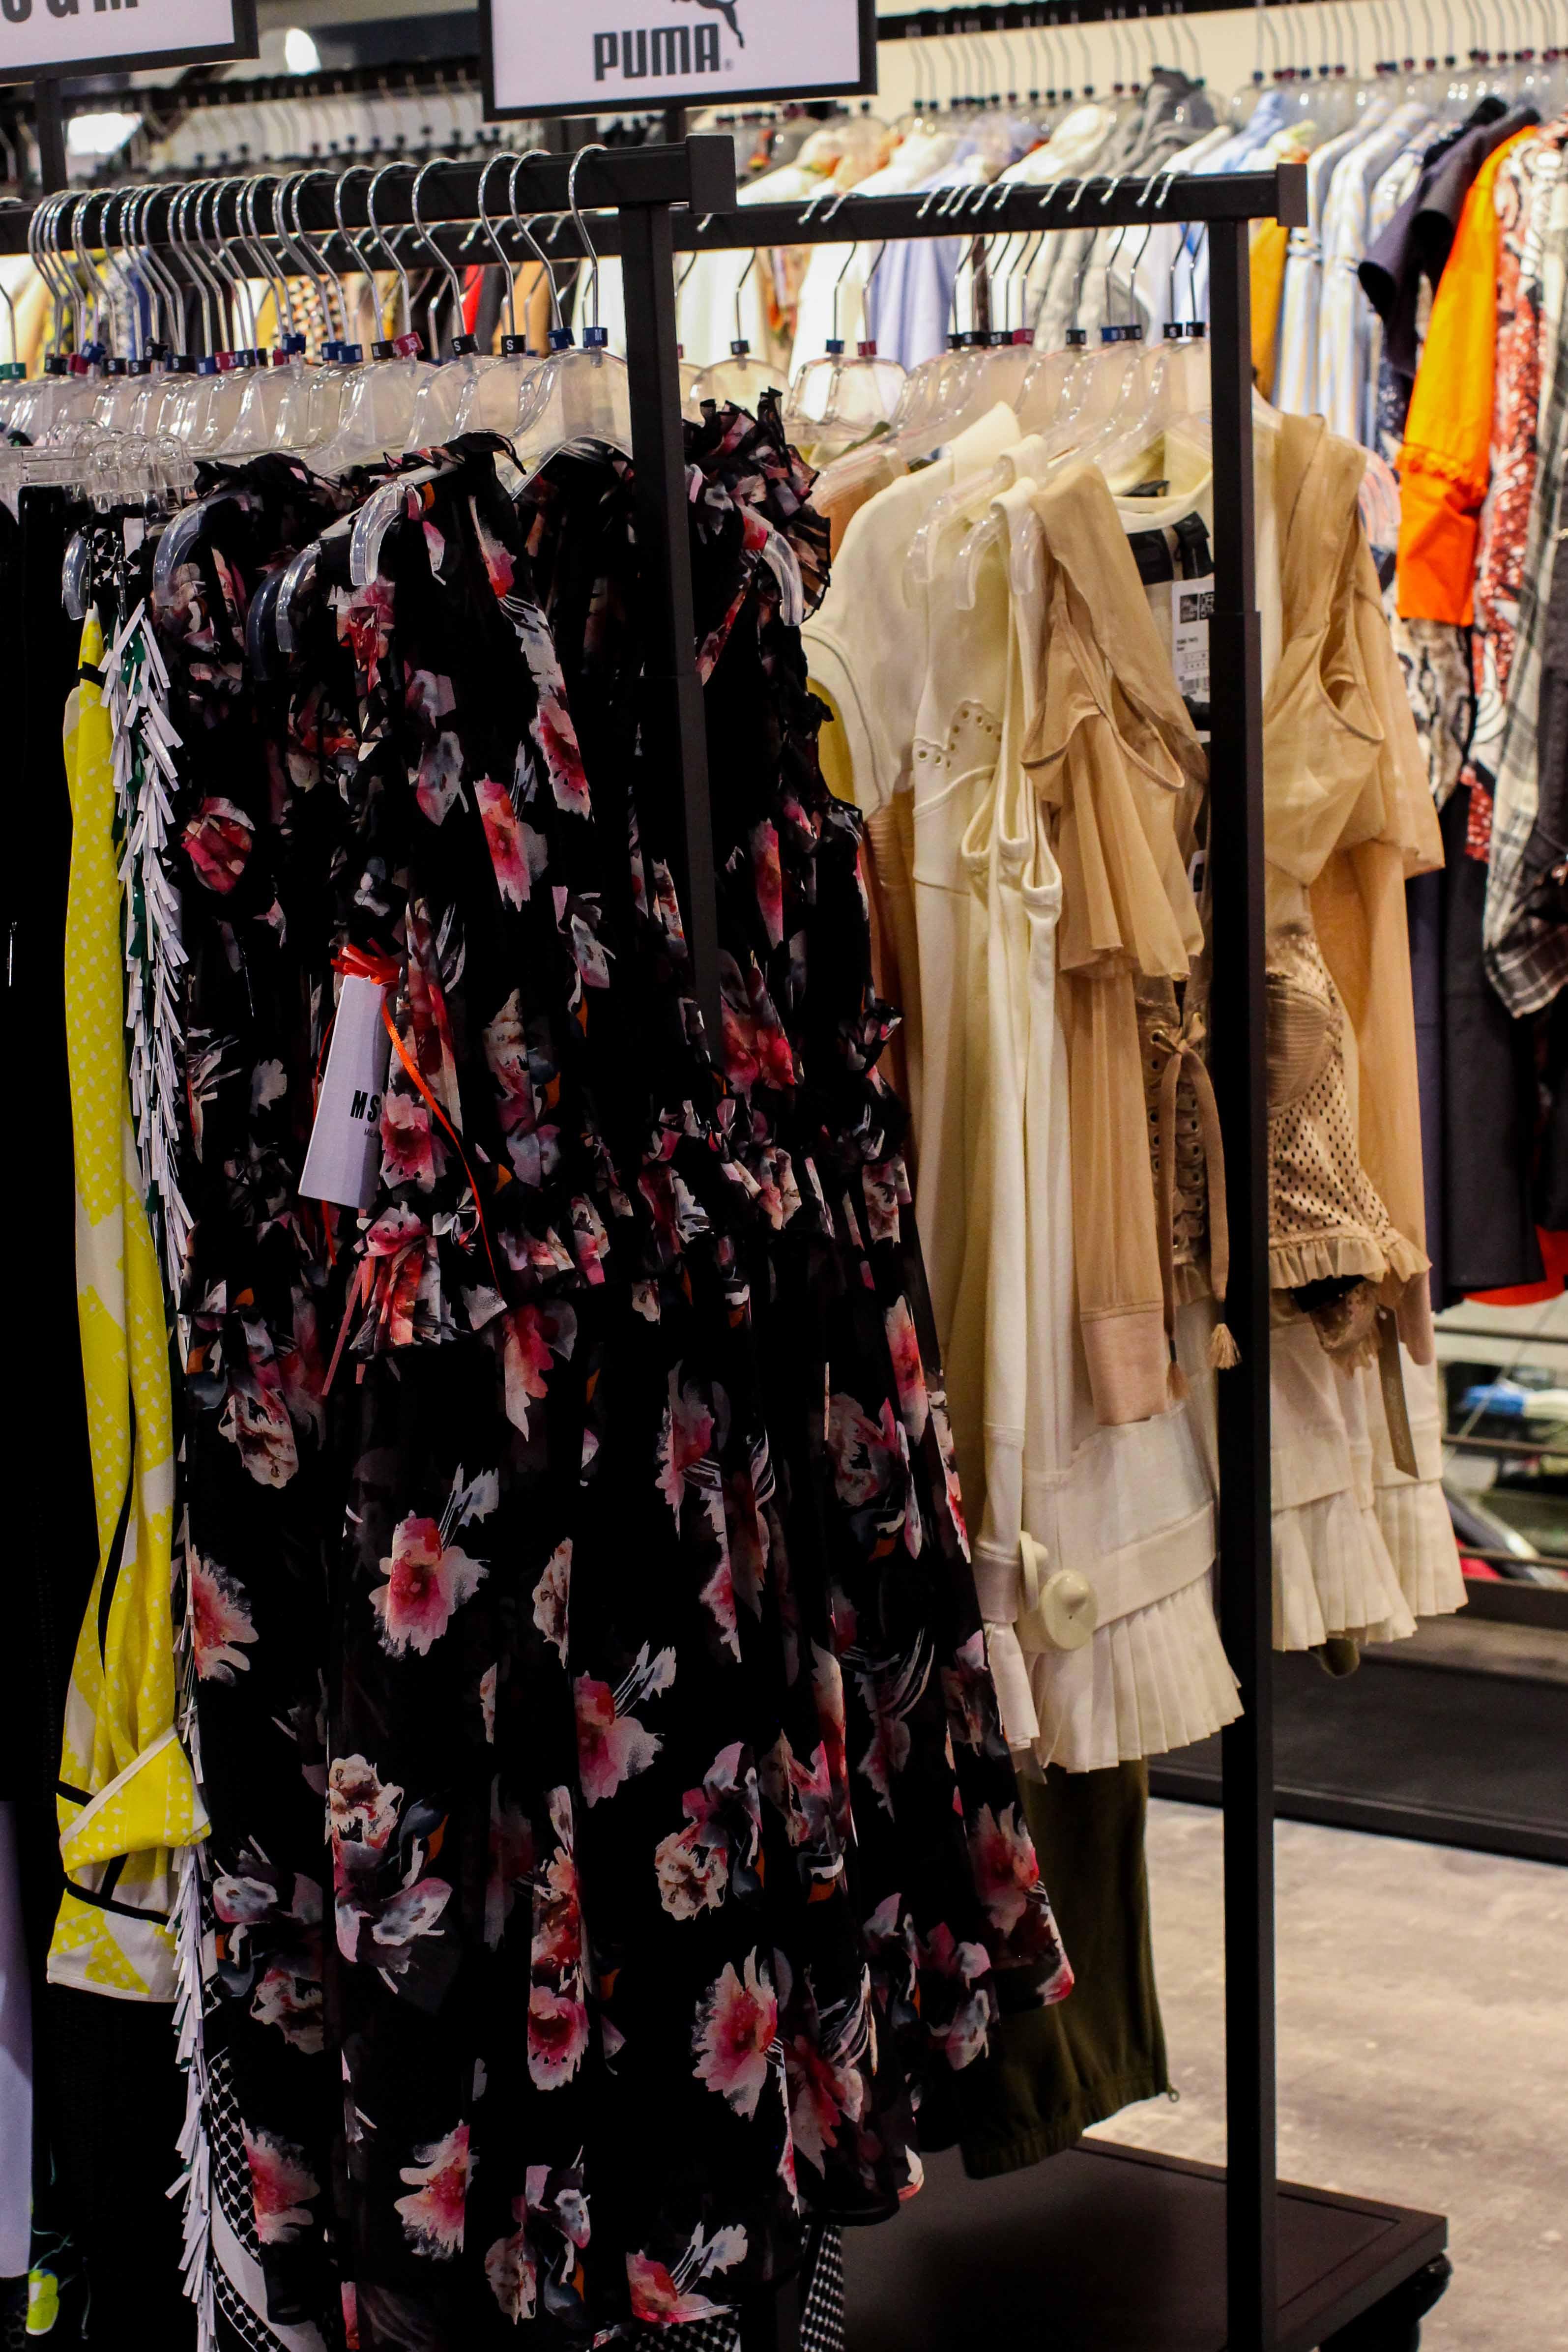 Sommerkleider Store Opening Saks OFF 5th Avenue Bonn Premium-Marken Outletpreis Designer Outlet Bonn Modeblog